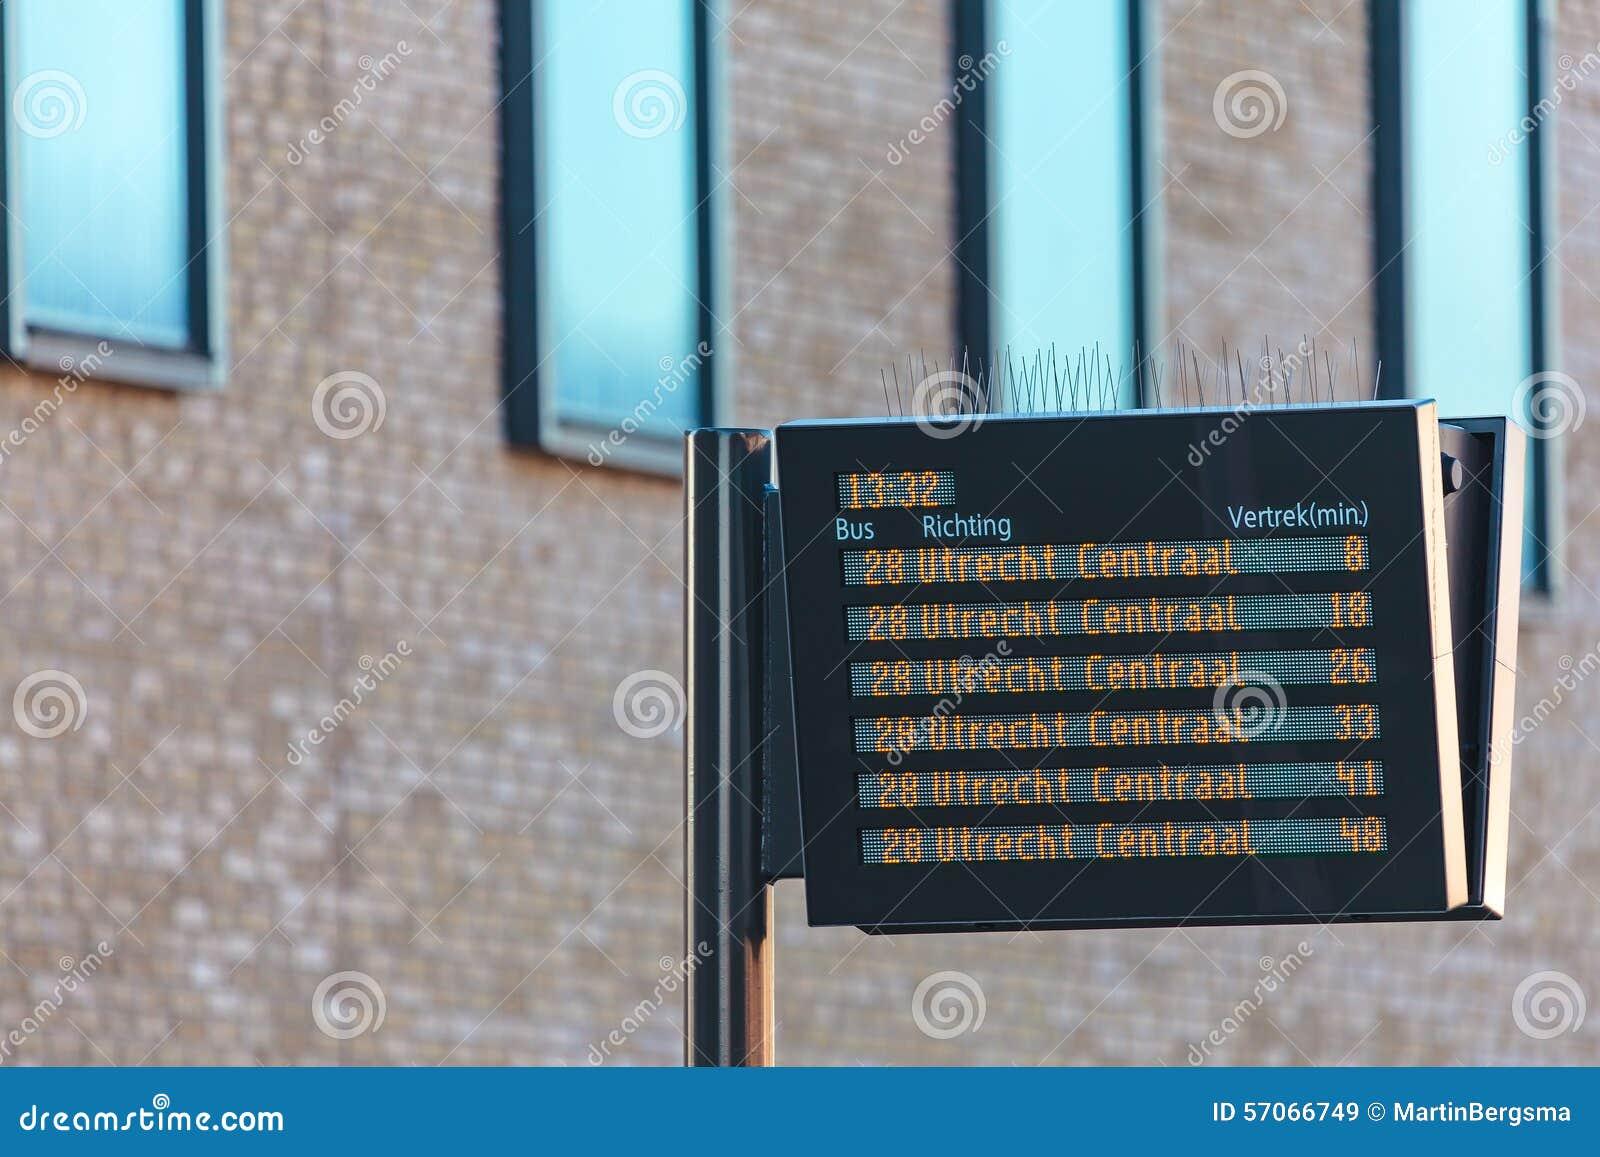 Informatiepaneel met de Nederlandse tijden van het busvertrek